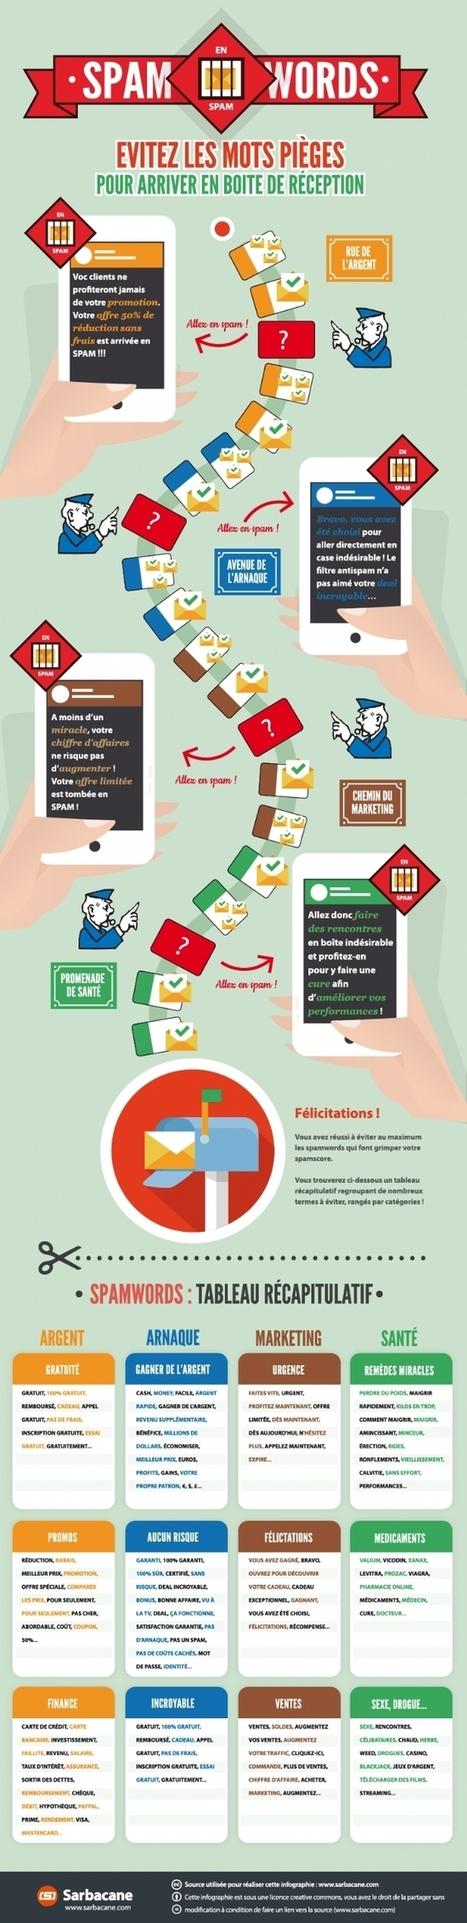 Emailing | Les mots pièges (spam words) à éviter - Février 2016 (infographie Sarbacane) | Webmarketing infographics - La French Touch digitale en images | Scoop.it